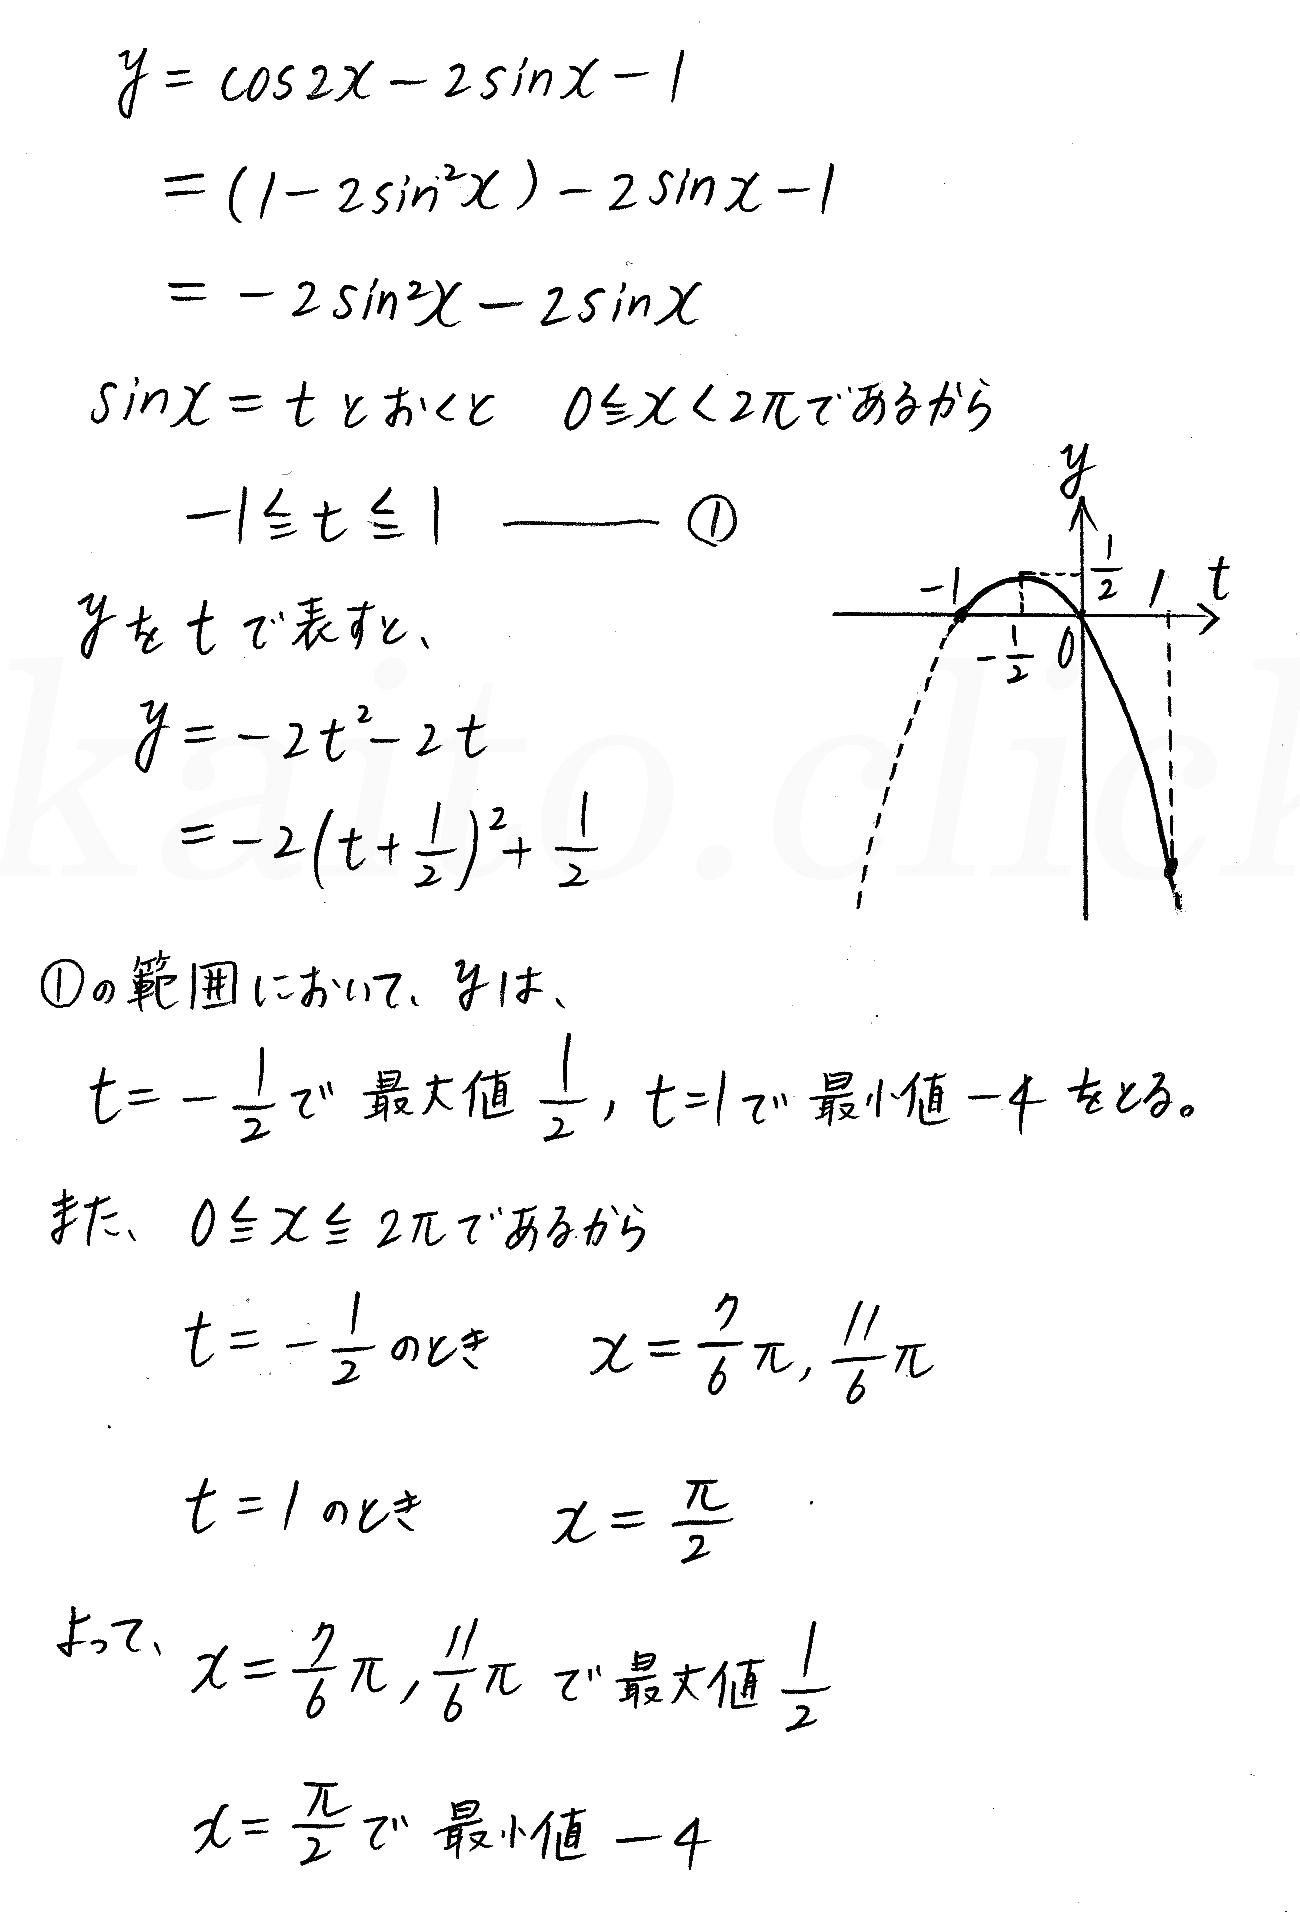 クリアー数学2-299解答